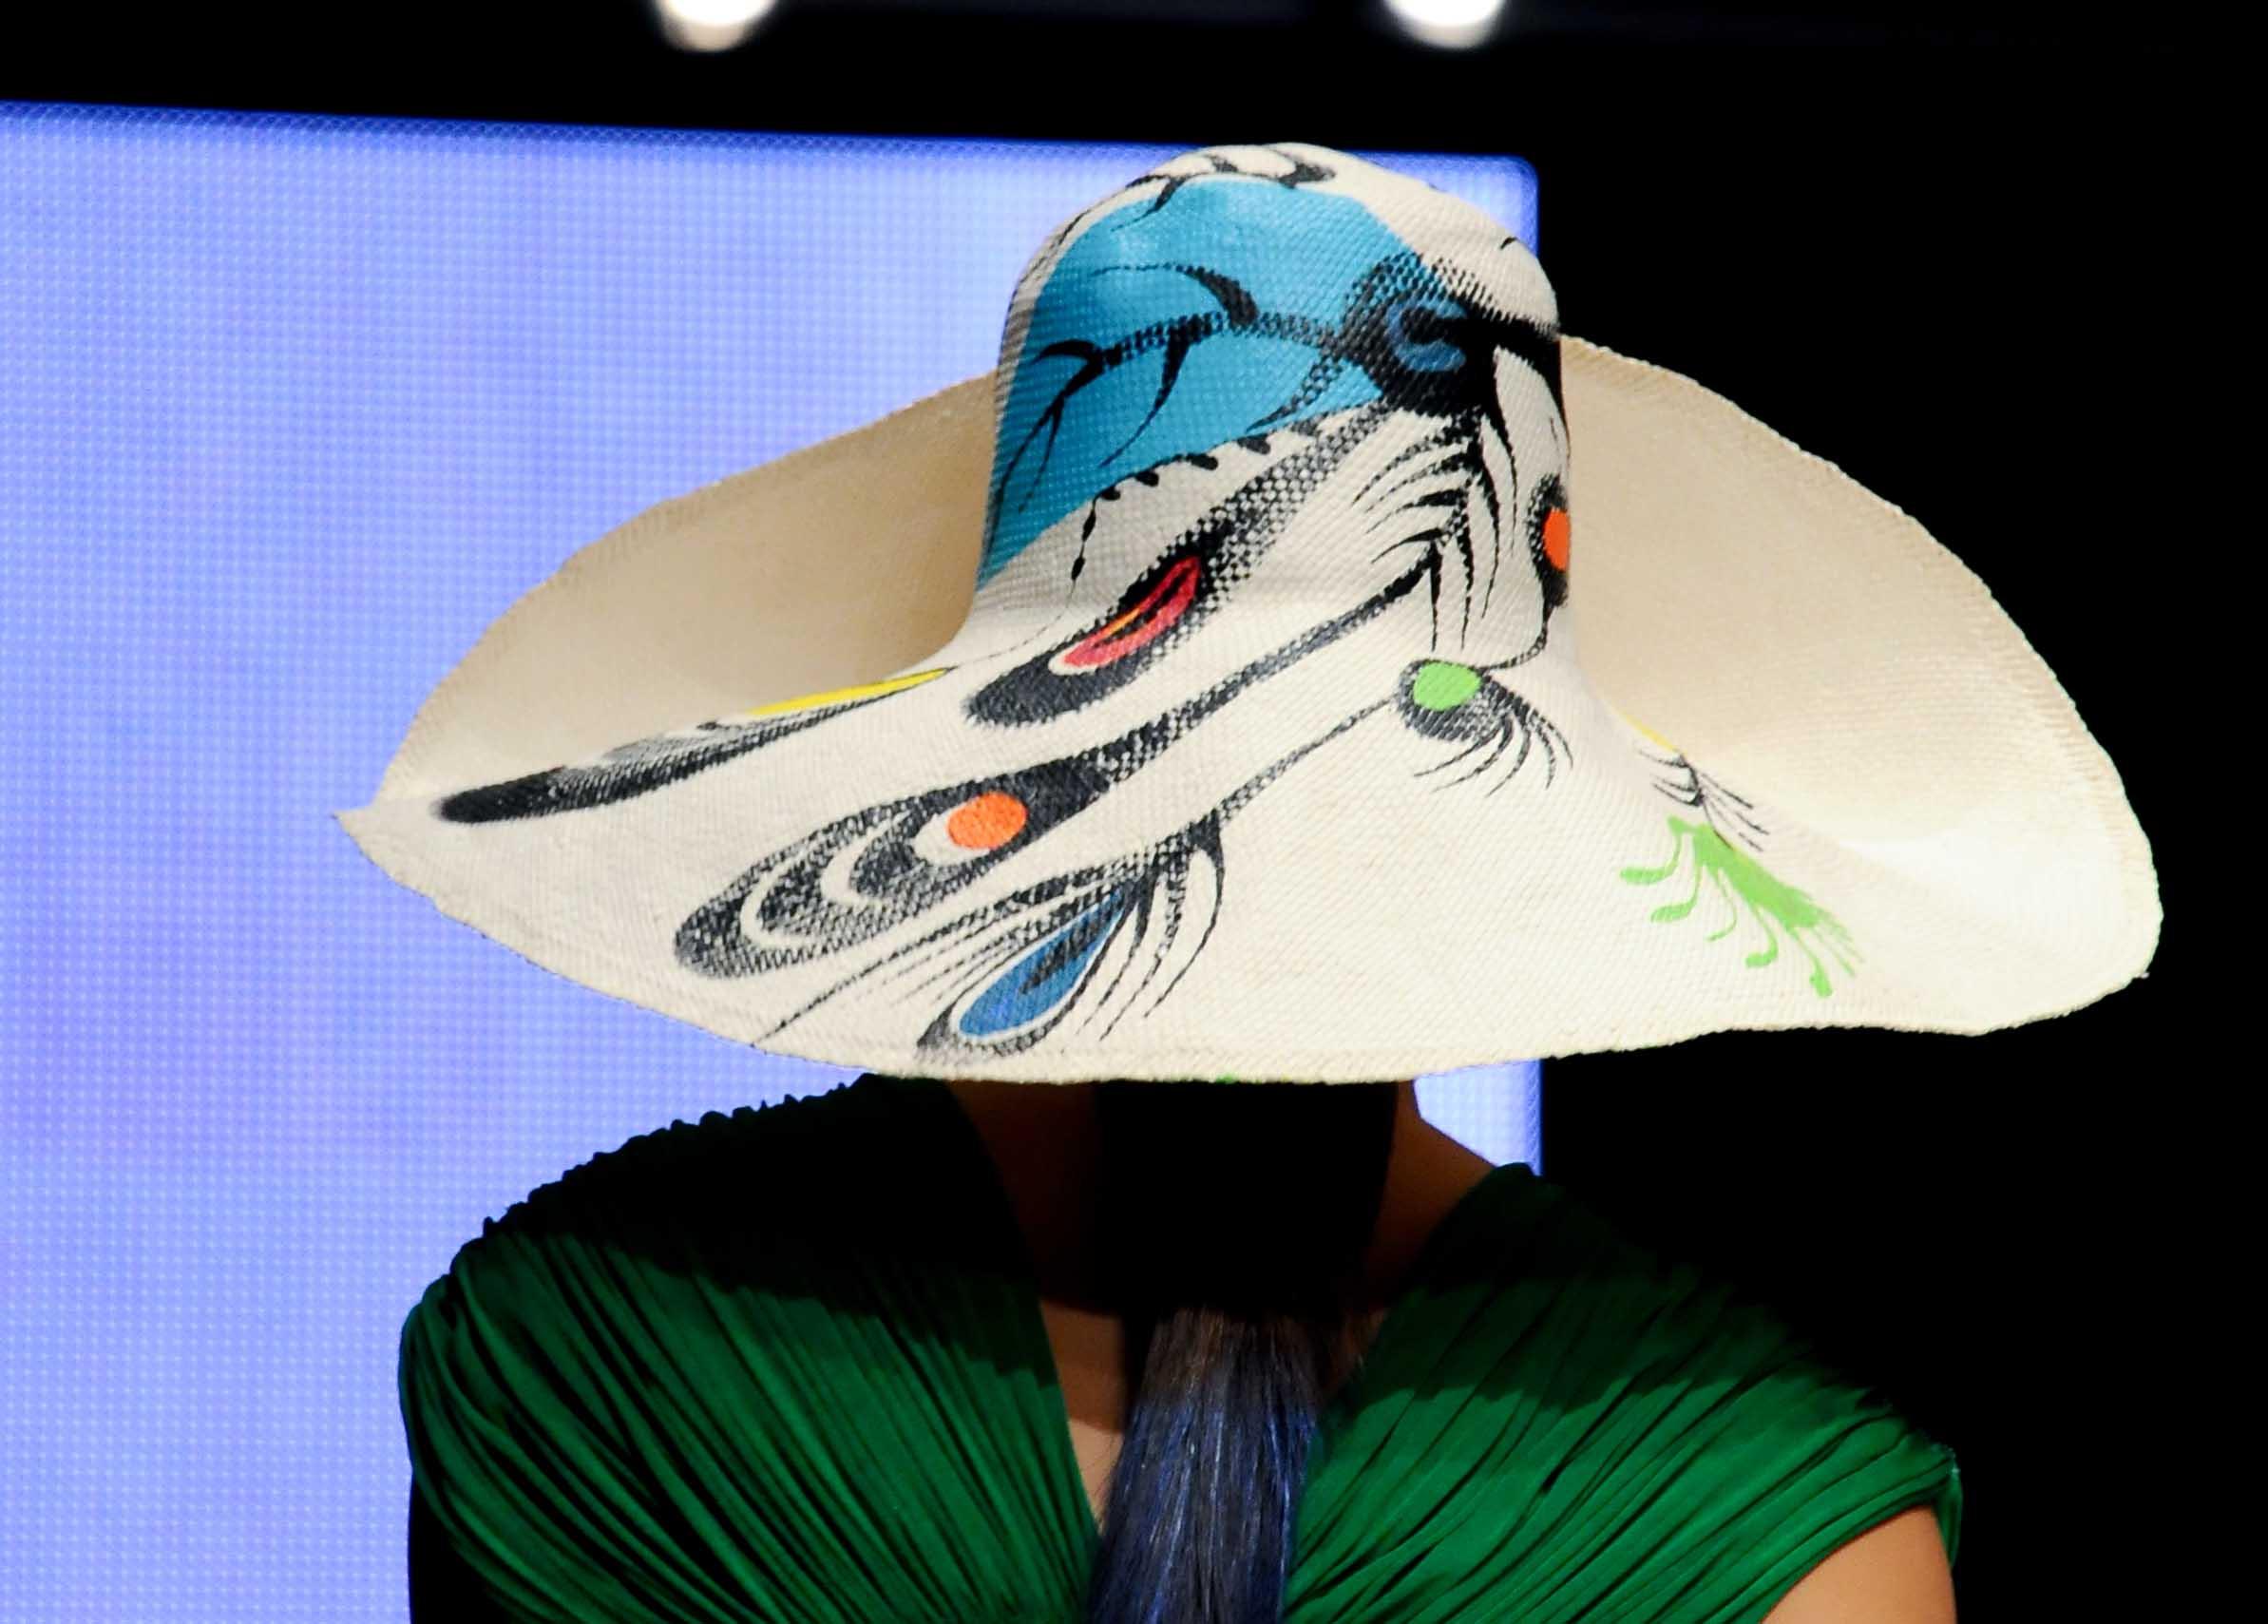 Detalle de un sombrero pintado a mano, con vestido verde, diseños que Toledo presentó en Puerto Rico en 2011. (Foto Archivo GFR Media)